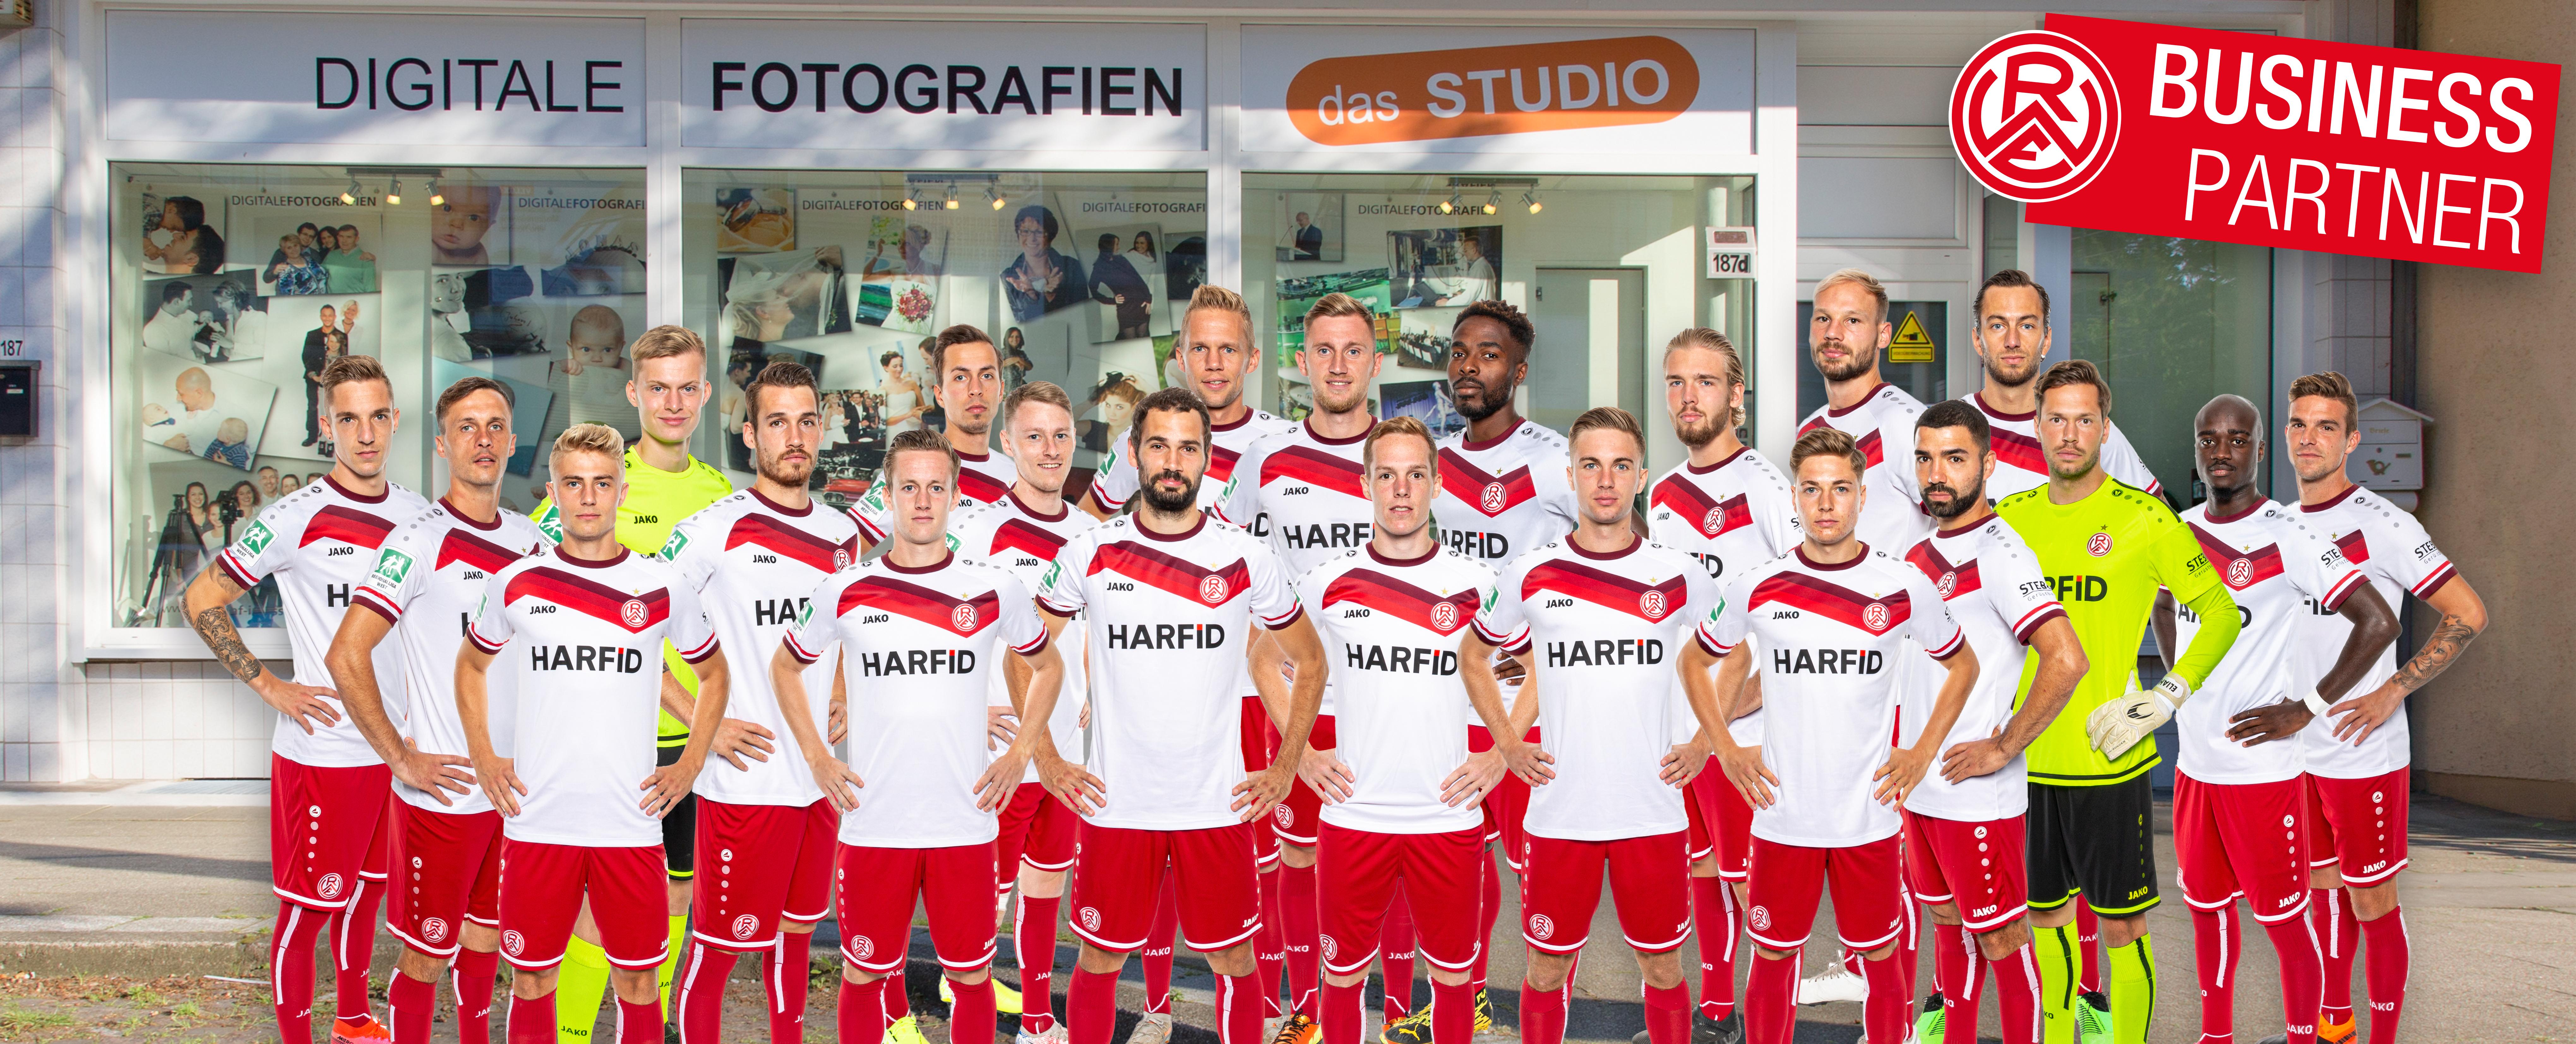 Experte in Fotos: Digitale Fotografien lichtet Jahr für Jahr die Mannschaft ab. (Foto/Grafik: Digitale Fotografien)